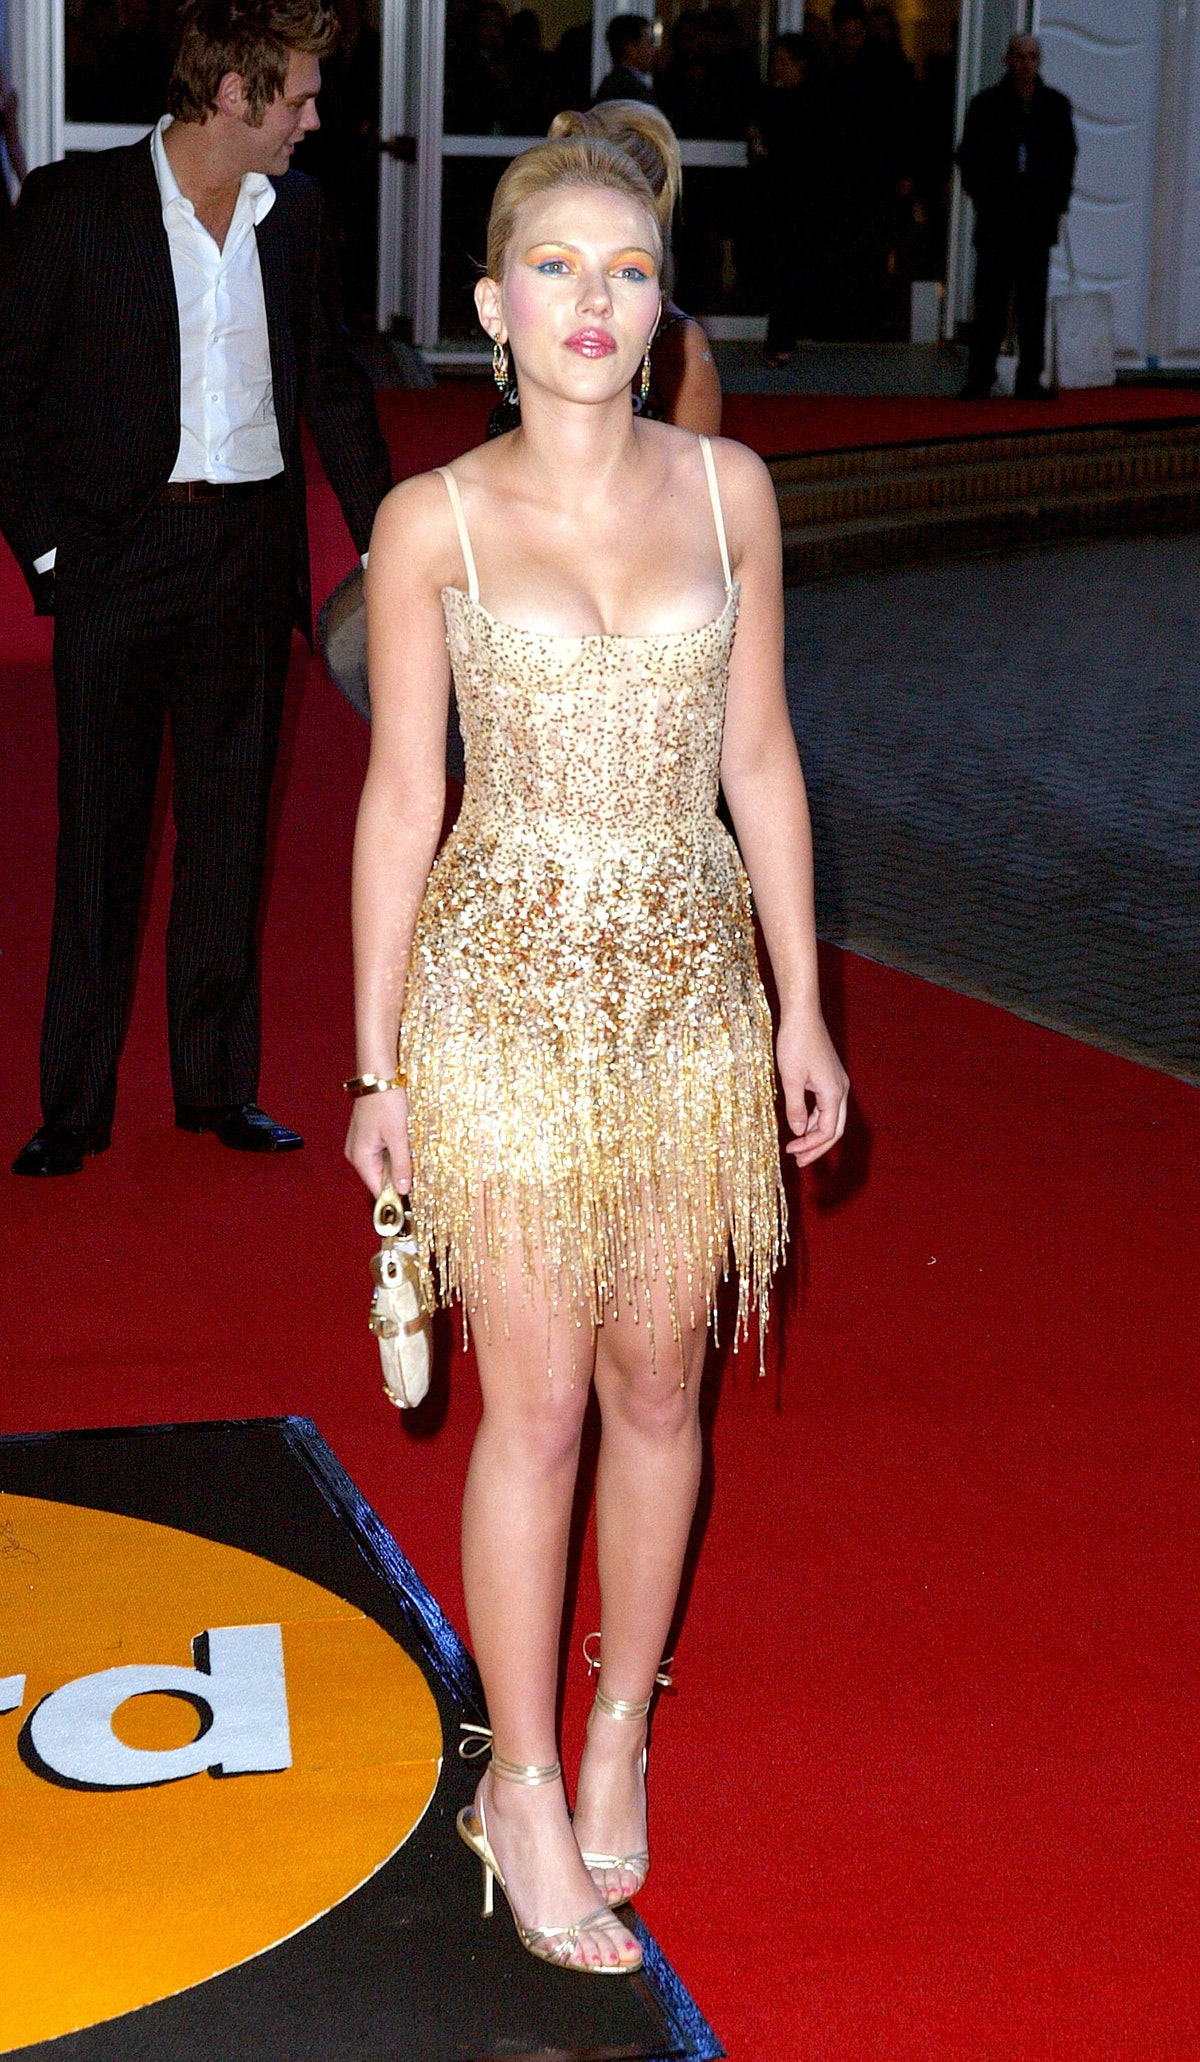 ScarJo in gold dress.